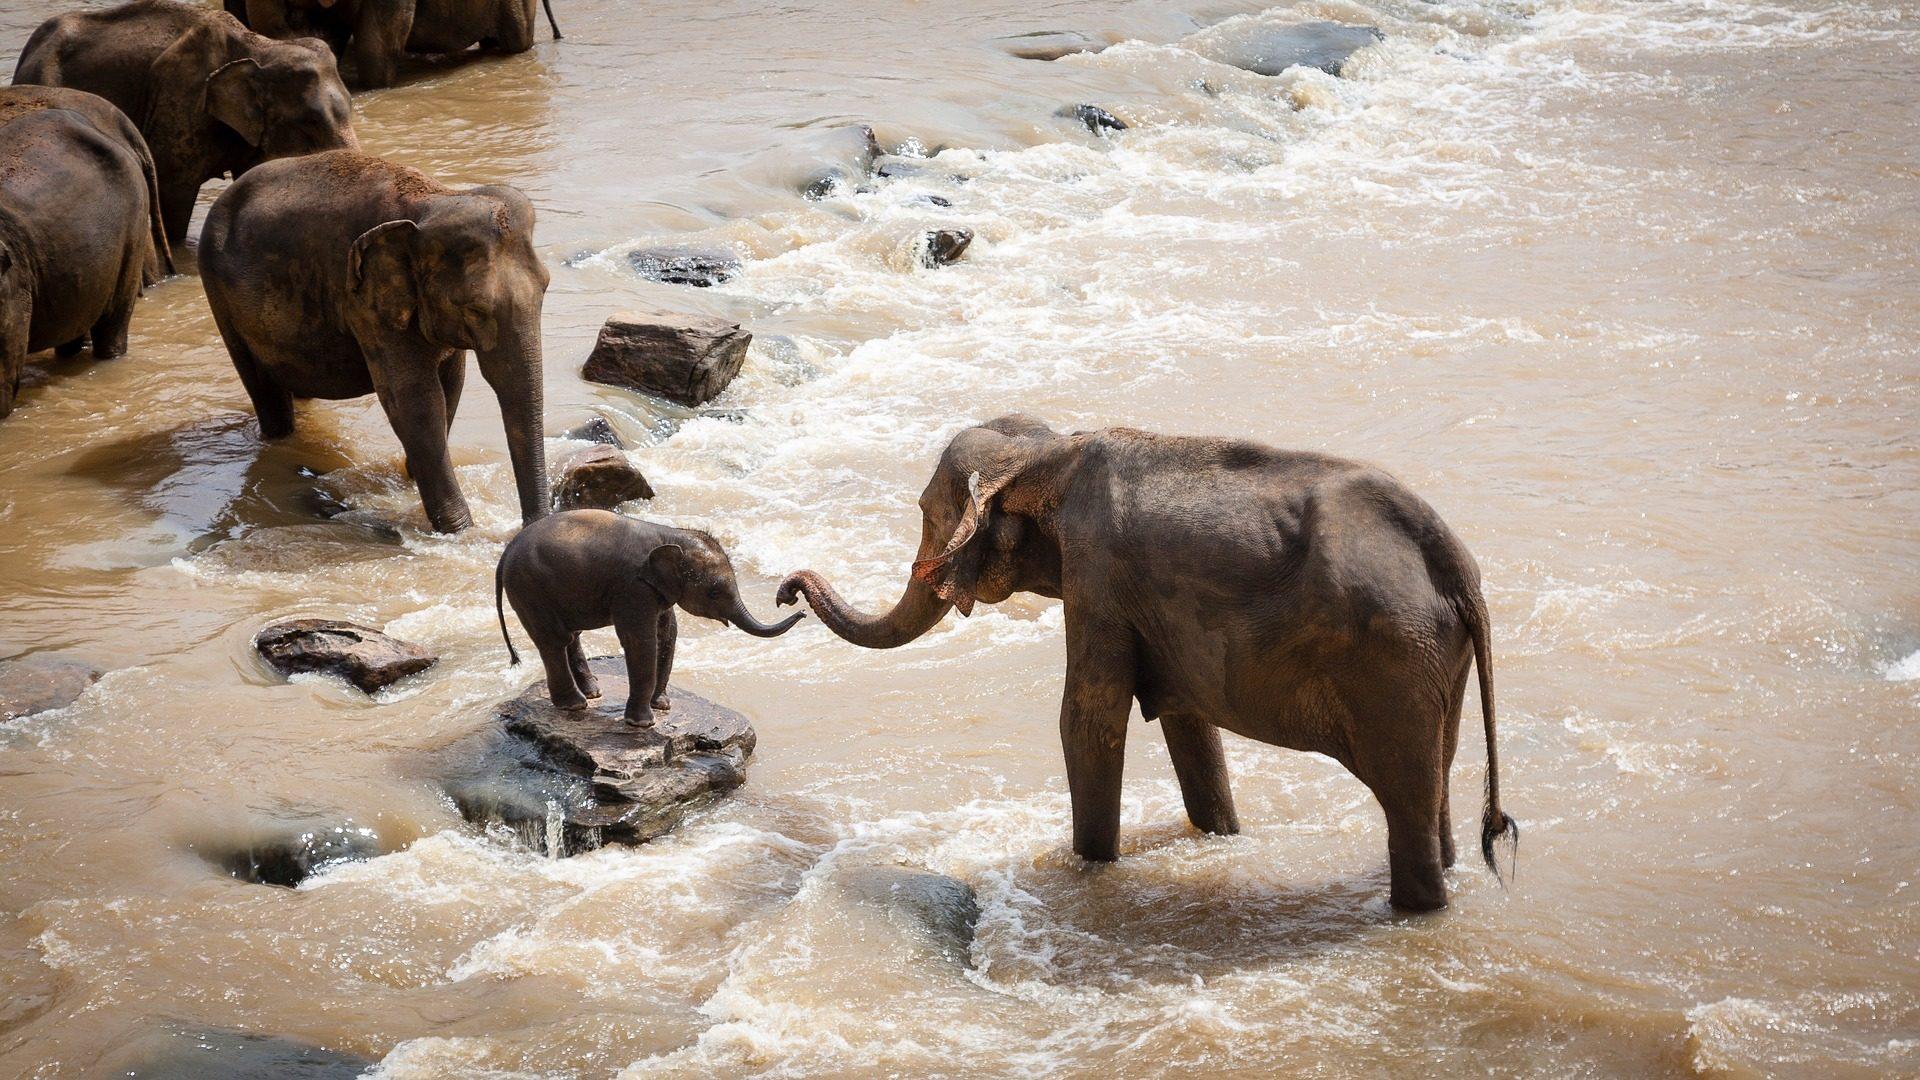 слоны, Выкорми, Табун, Рио, Справка, Дикий - Обои HD - Профессор falken.com